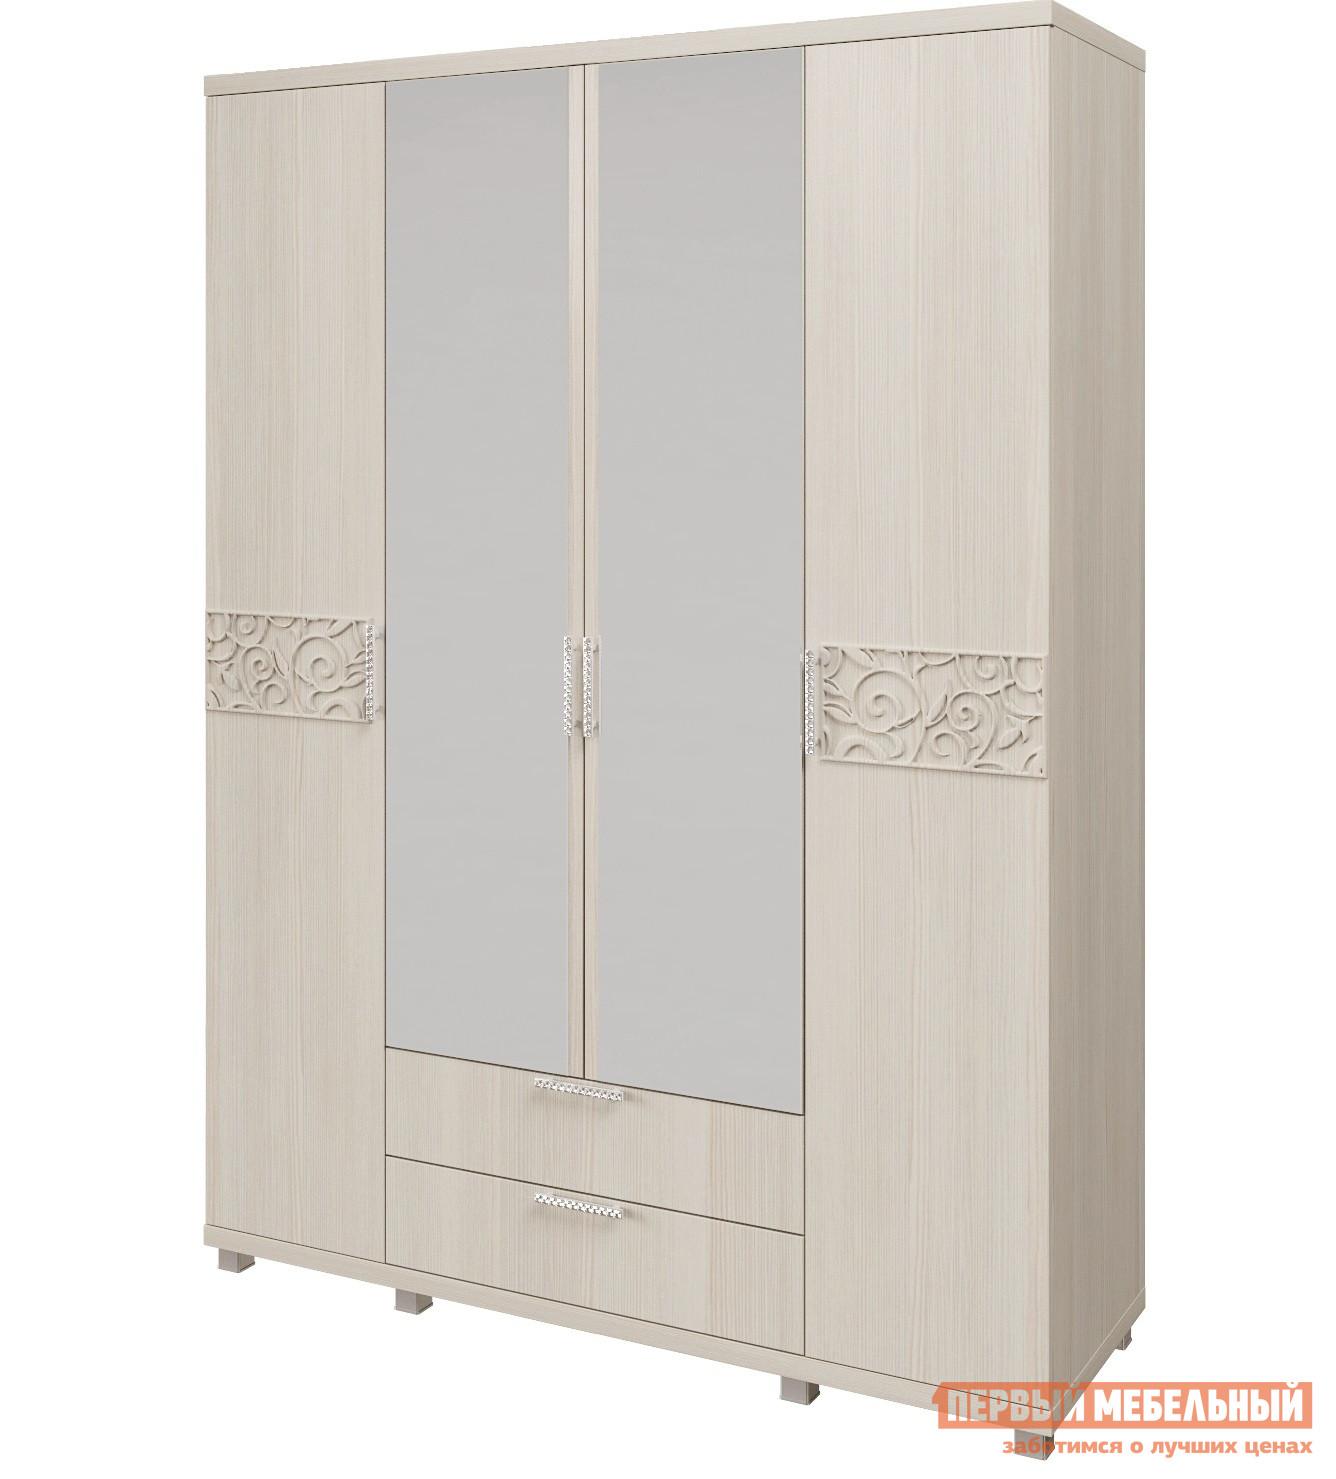 Шкаф распашной ТД Арника 06 «Ирис» Шкаф для одежды 4-х дверный с ящиками шкаф для одежды 4 х дв с ящиками ирис